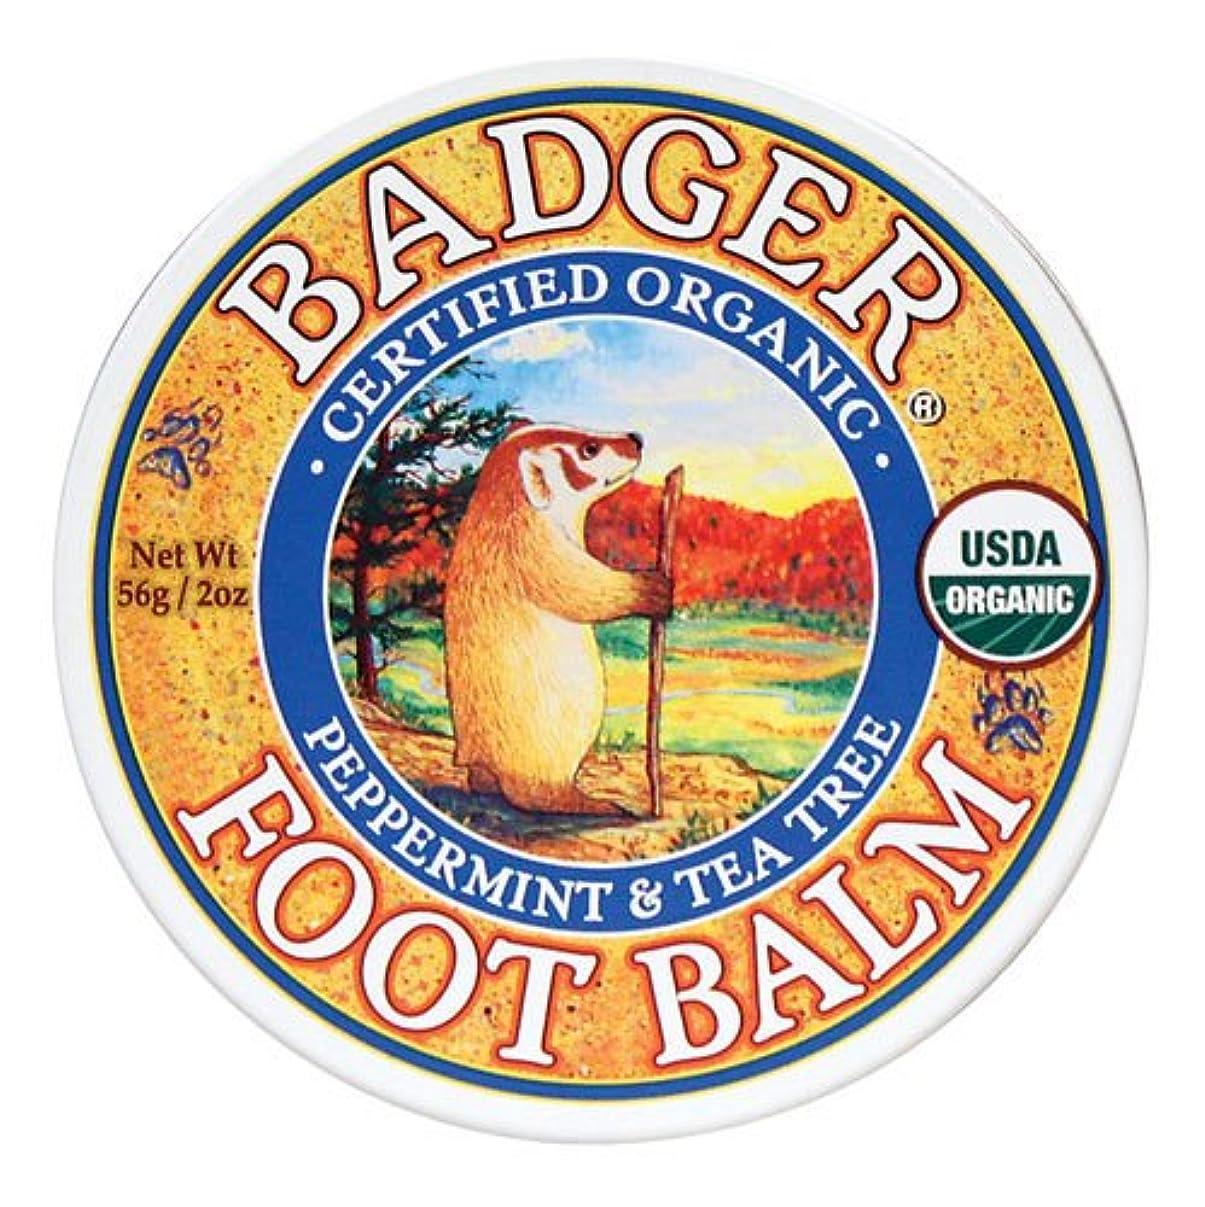 似ている掘る現実的Badger バジャー オーガニックフットクリーム ペパーミント & ティーツリー 56g【海外直送品】【並行輸入品】